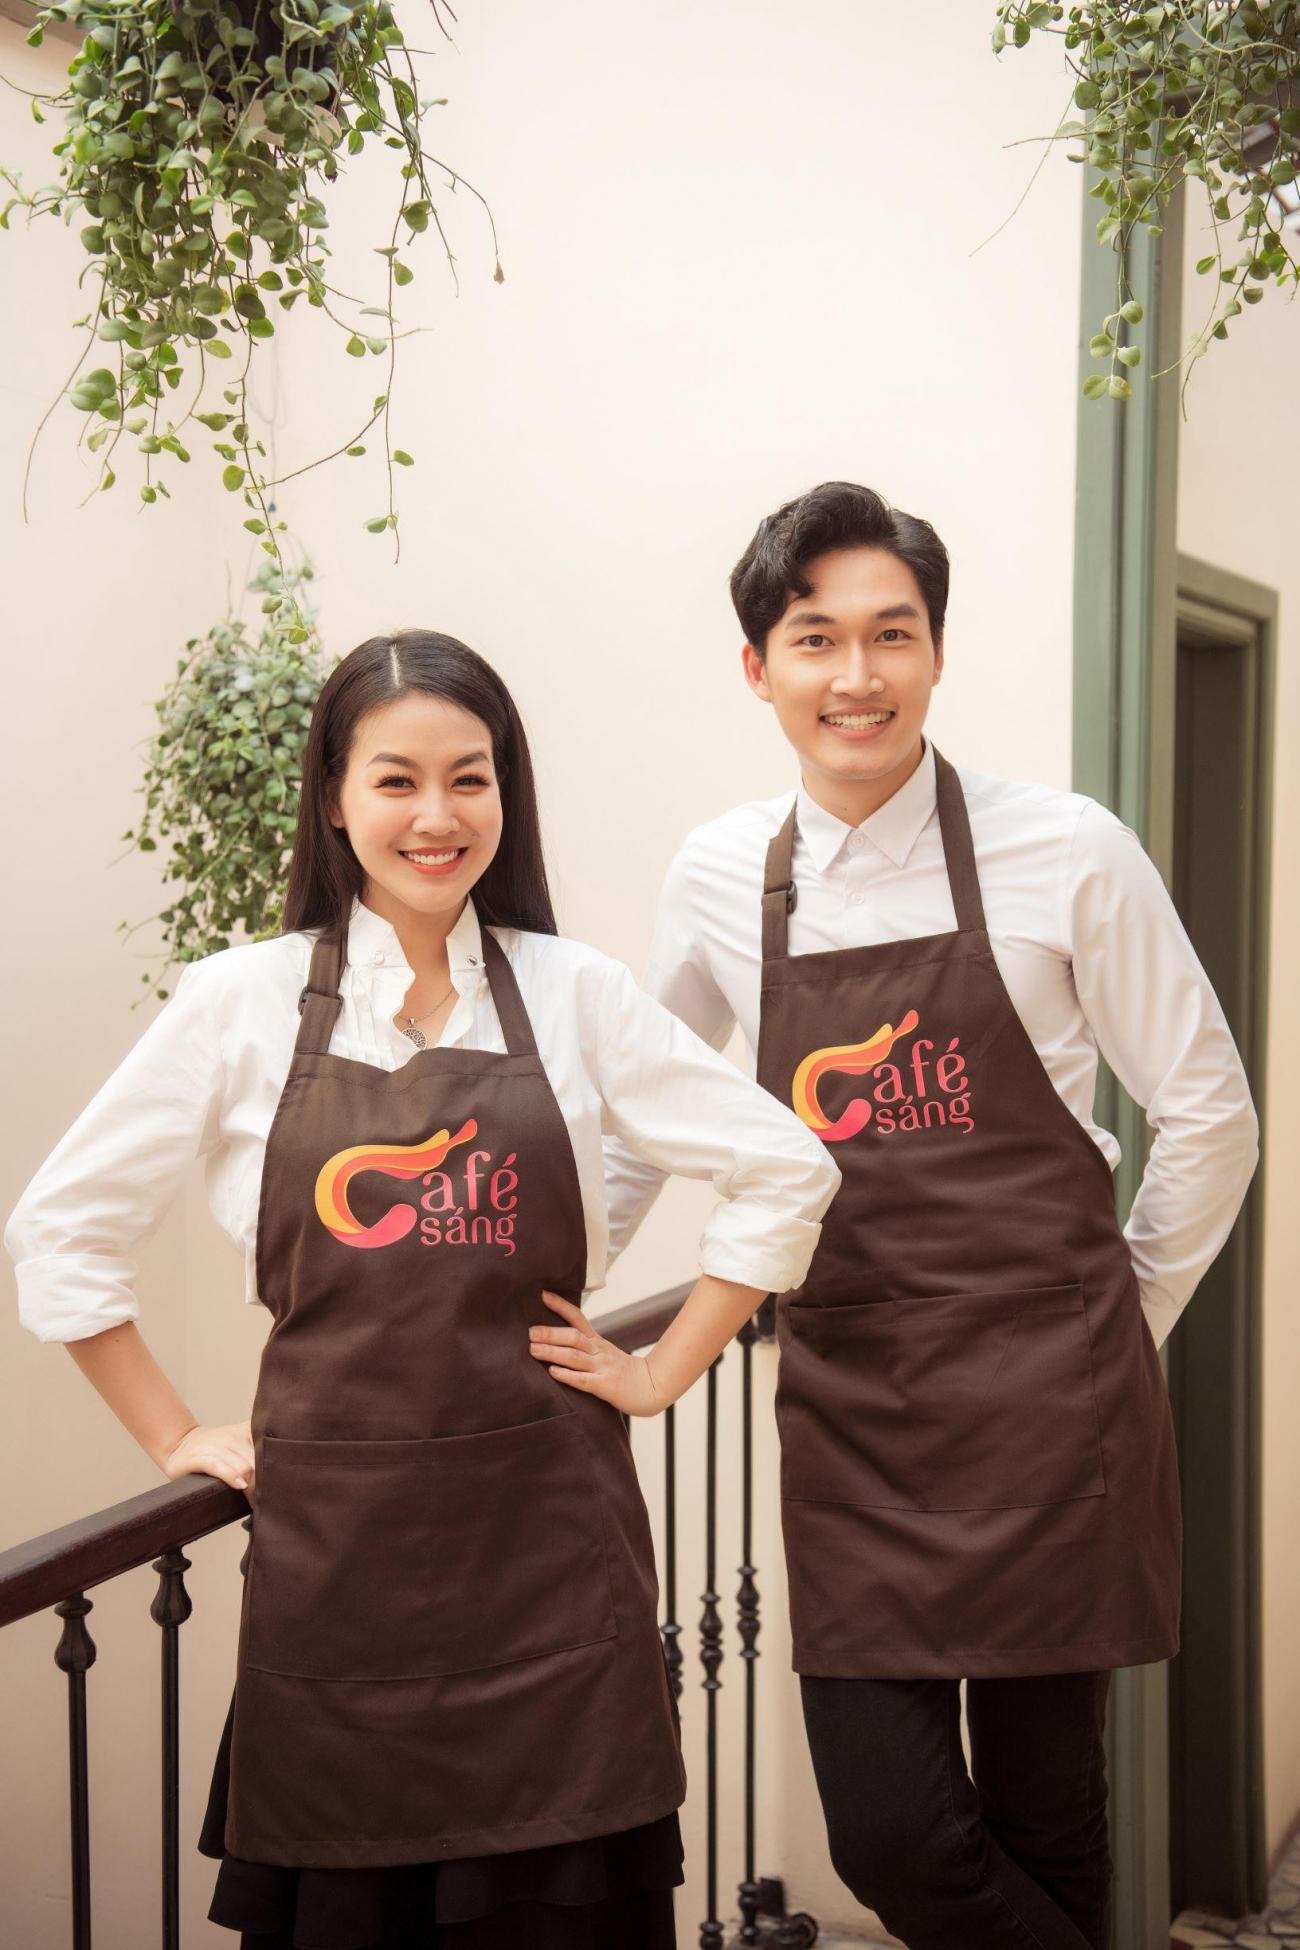 Á hậu Phương Nga, diễn viên Đình Tú bất ngờ làm MC 'Café sáng'